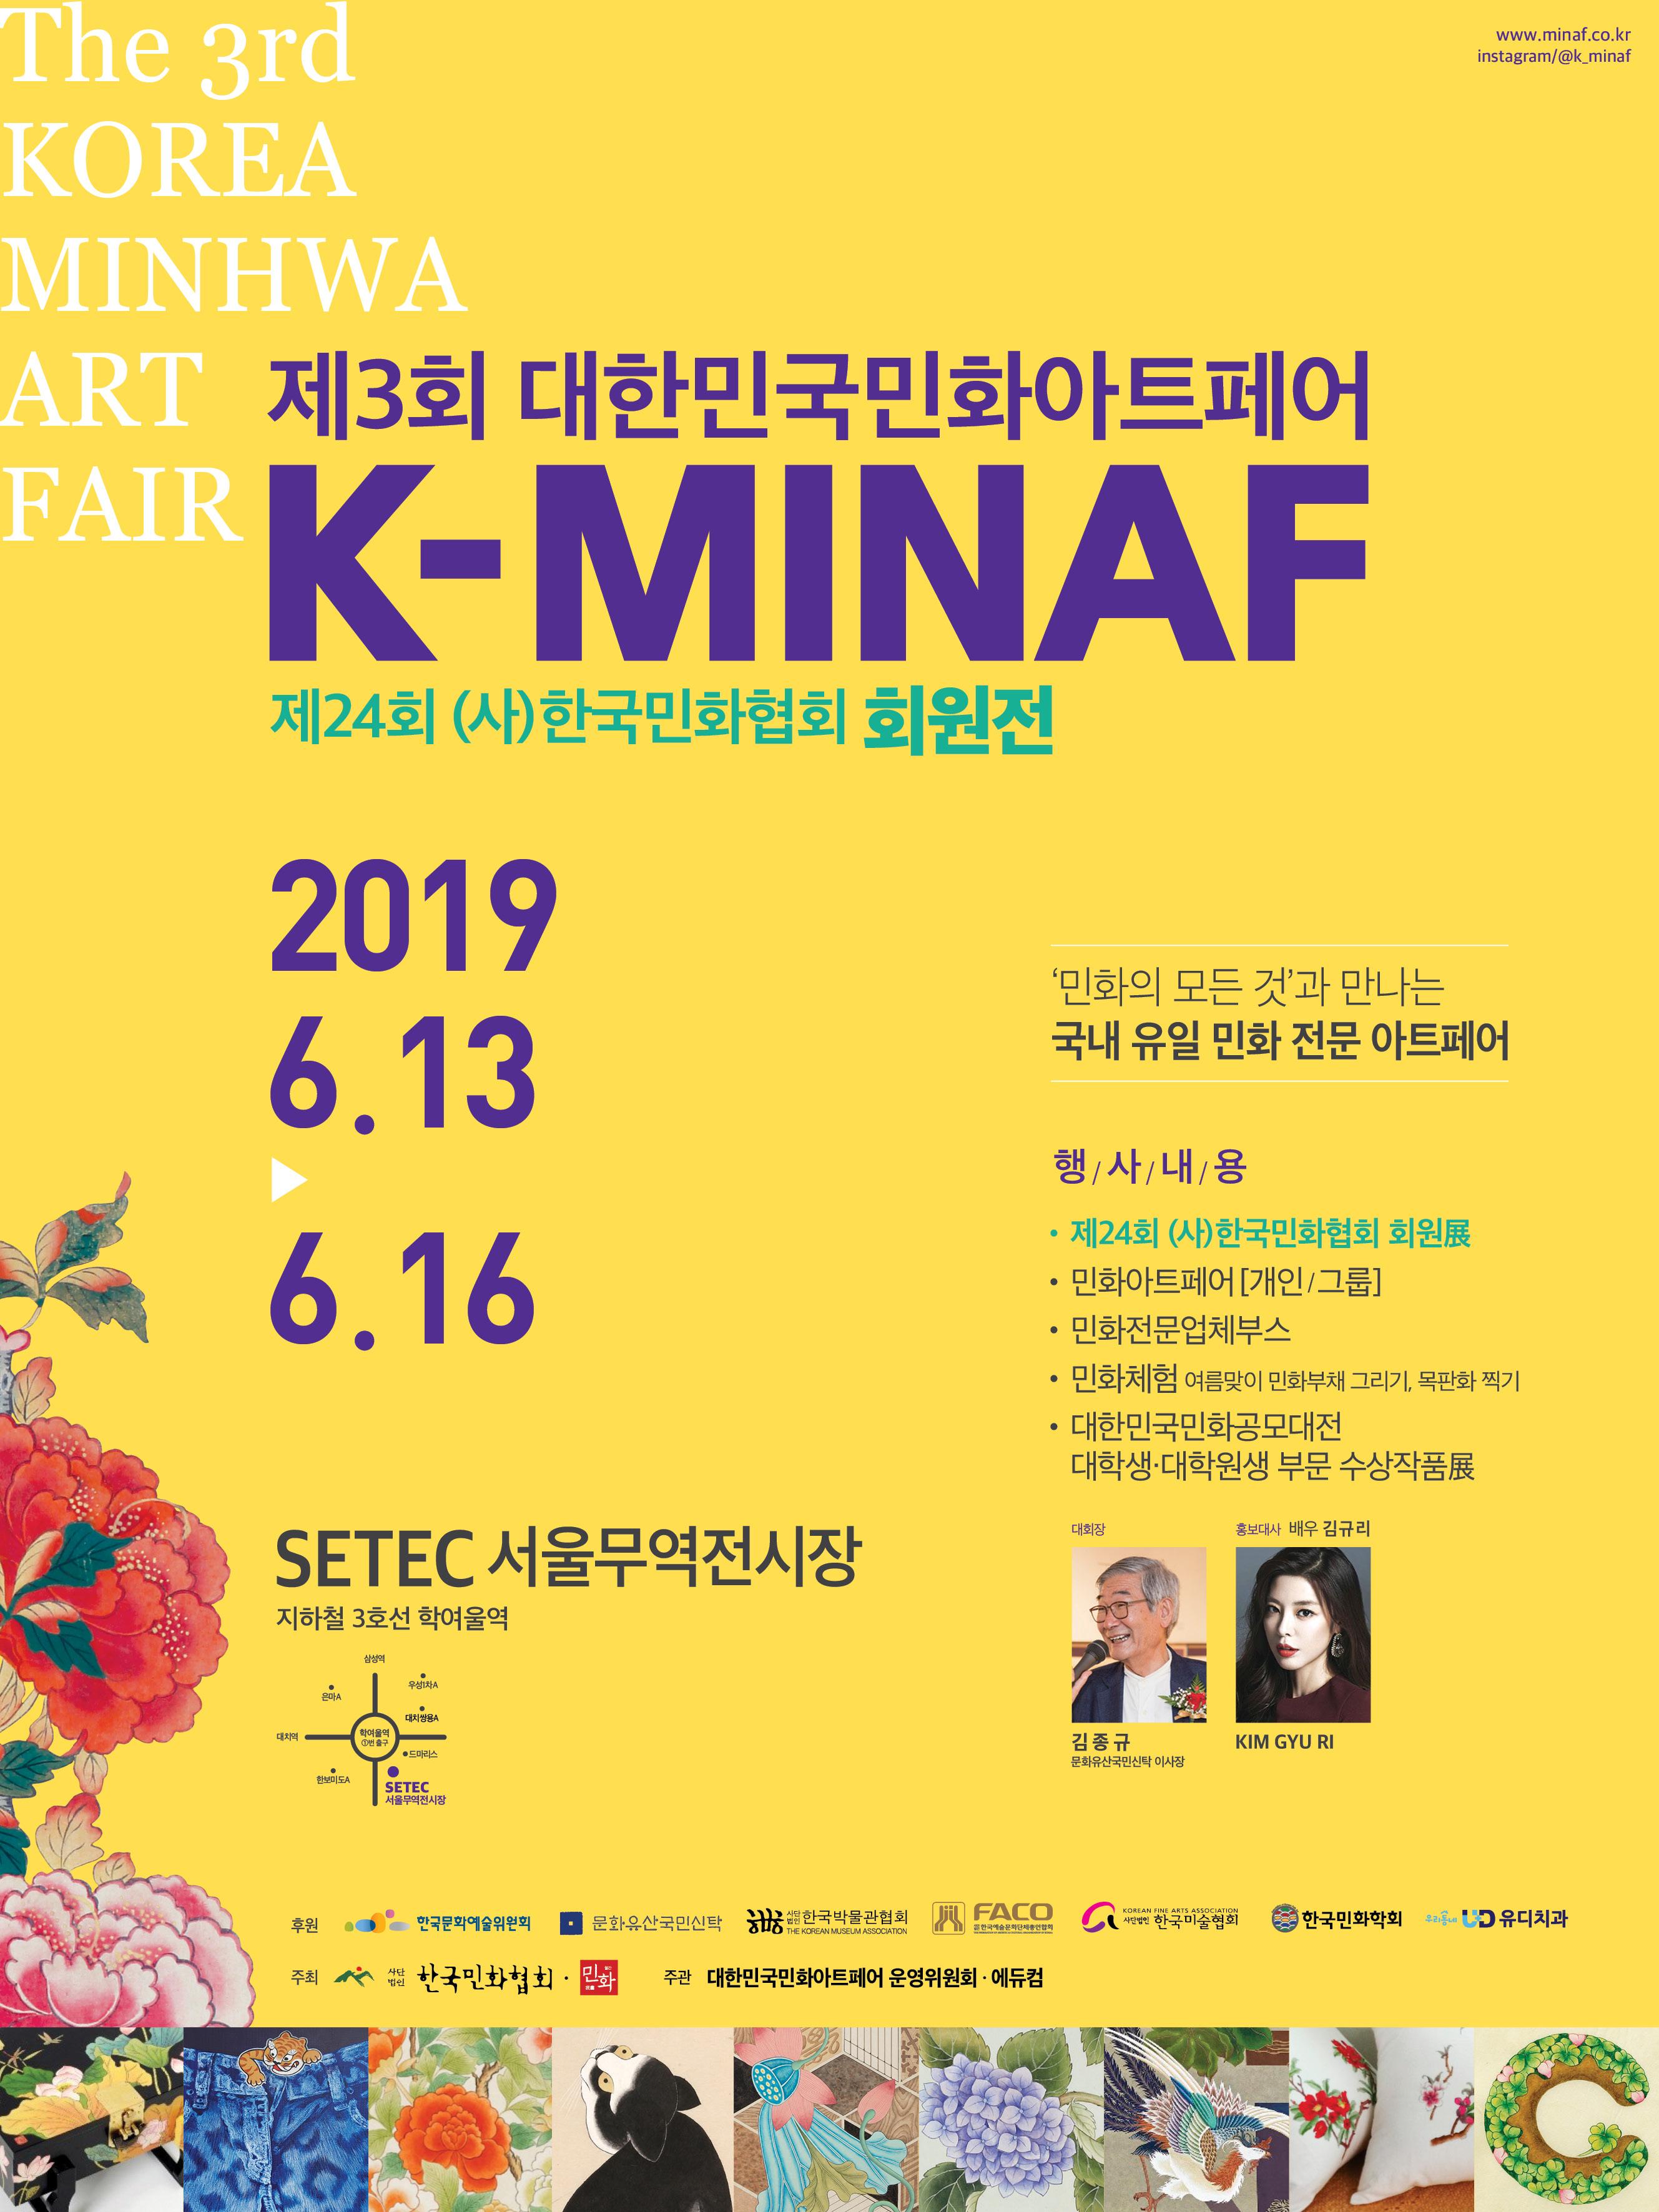 2019 대한민국민화아트페어 포스터.jpg